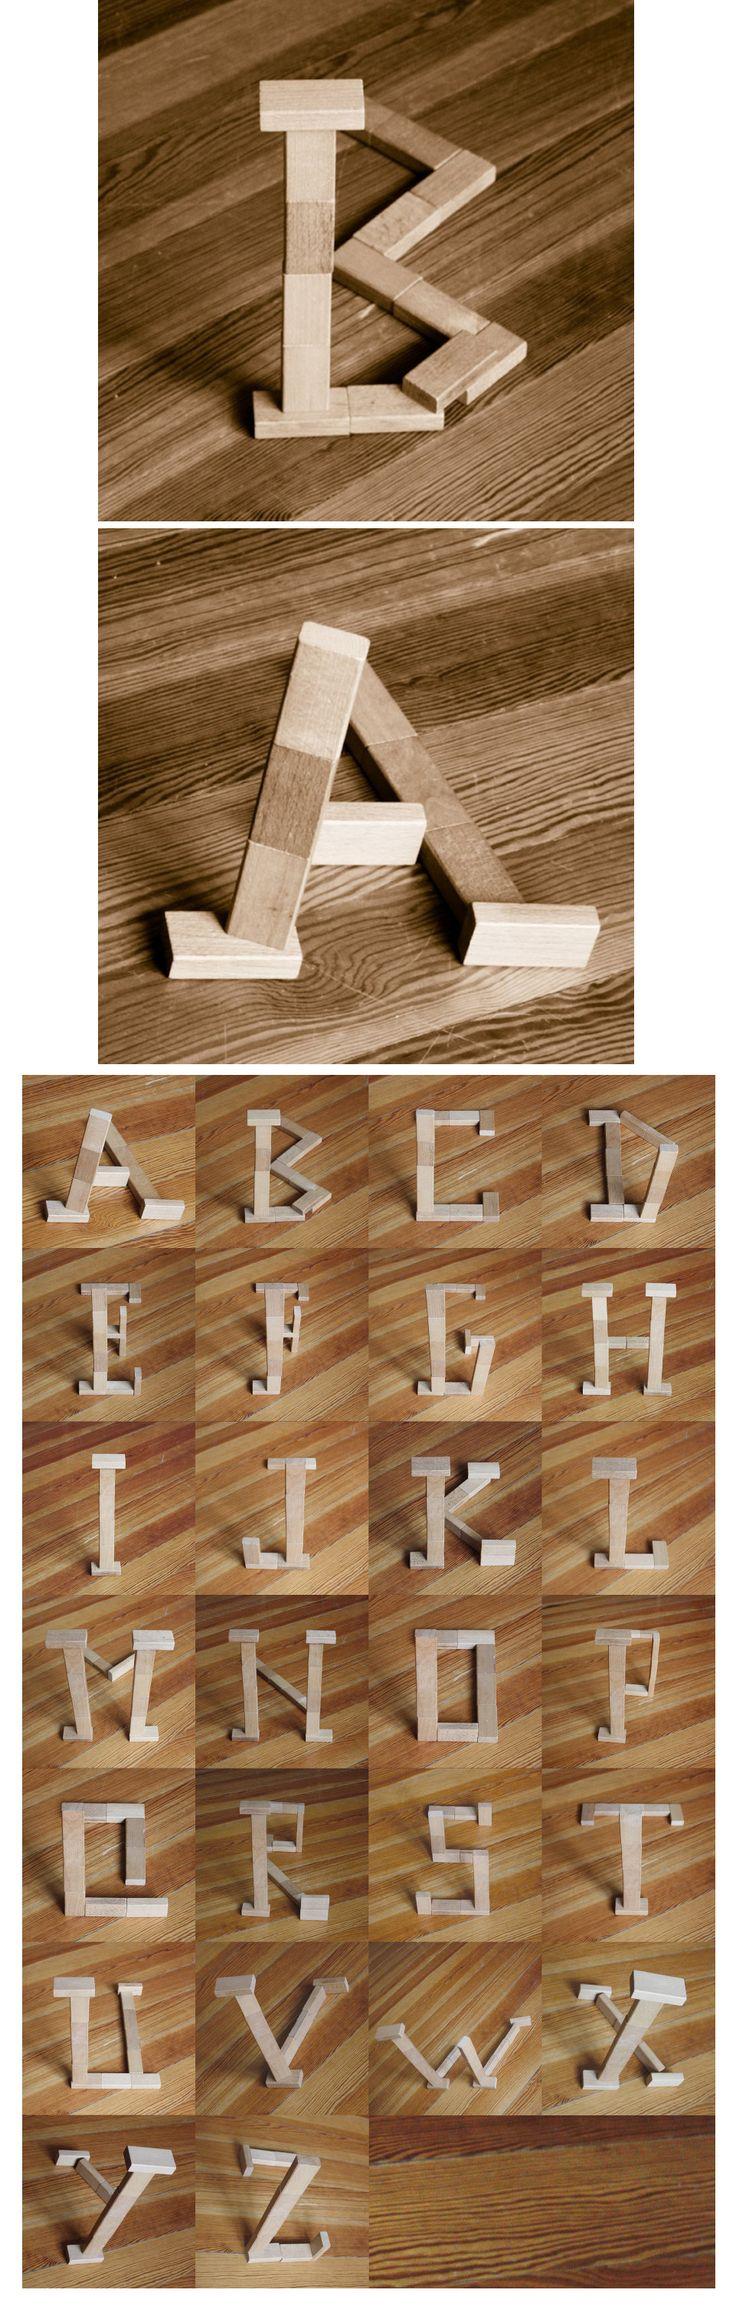 Block Type Experiment  O fotógrafo Marc Böttler, criou um alfabeto com ilusão de ótica, brincando com ângulos da fotografia.